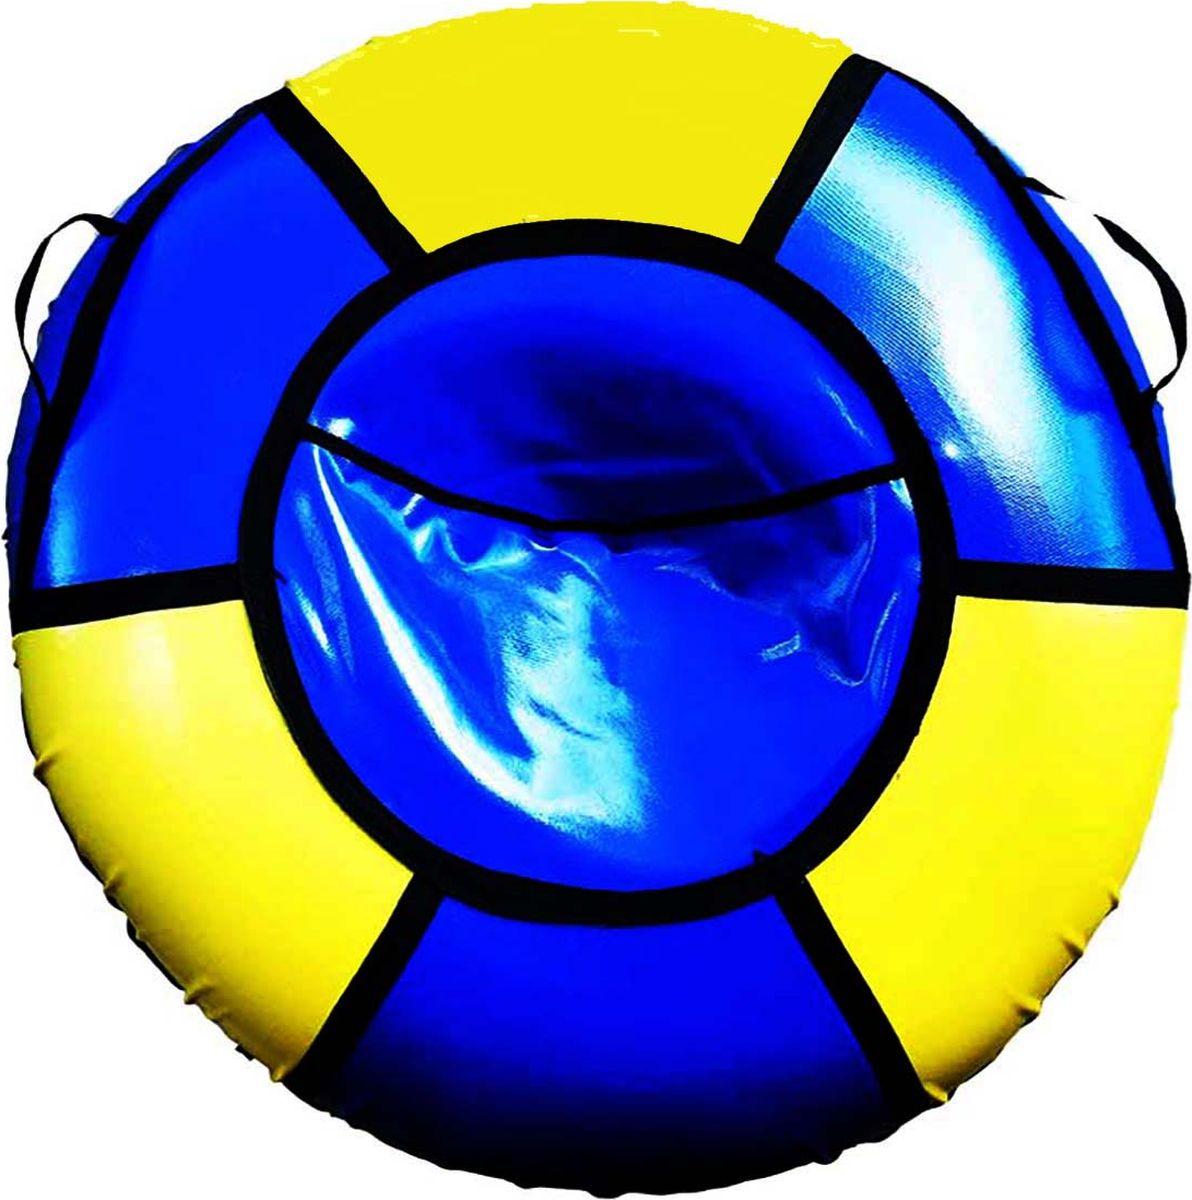 Тюбинг Эх, Прокачу! Профи-6, цвет: синий, желтый, 85 смСП85-6-2Качественные бюджетные санки-ватрушки для катания по снегу. Дно и верх изготовлены из ткани ПВХ 630г/м2. Камера российского производства. Буксировочный ремень. Морозоустойчивость: -45°С. Допускается деформация формы санок из-за неравномерности надутия камеры.Зимние игры на свежем воздухе. Статья OZON Гид